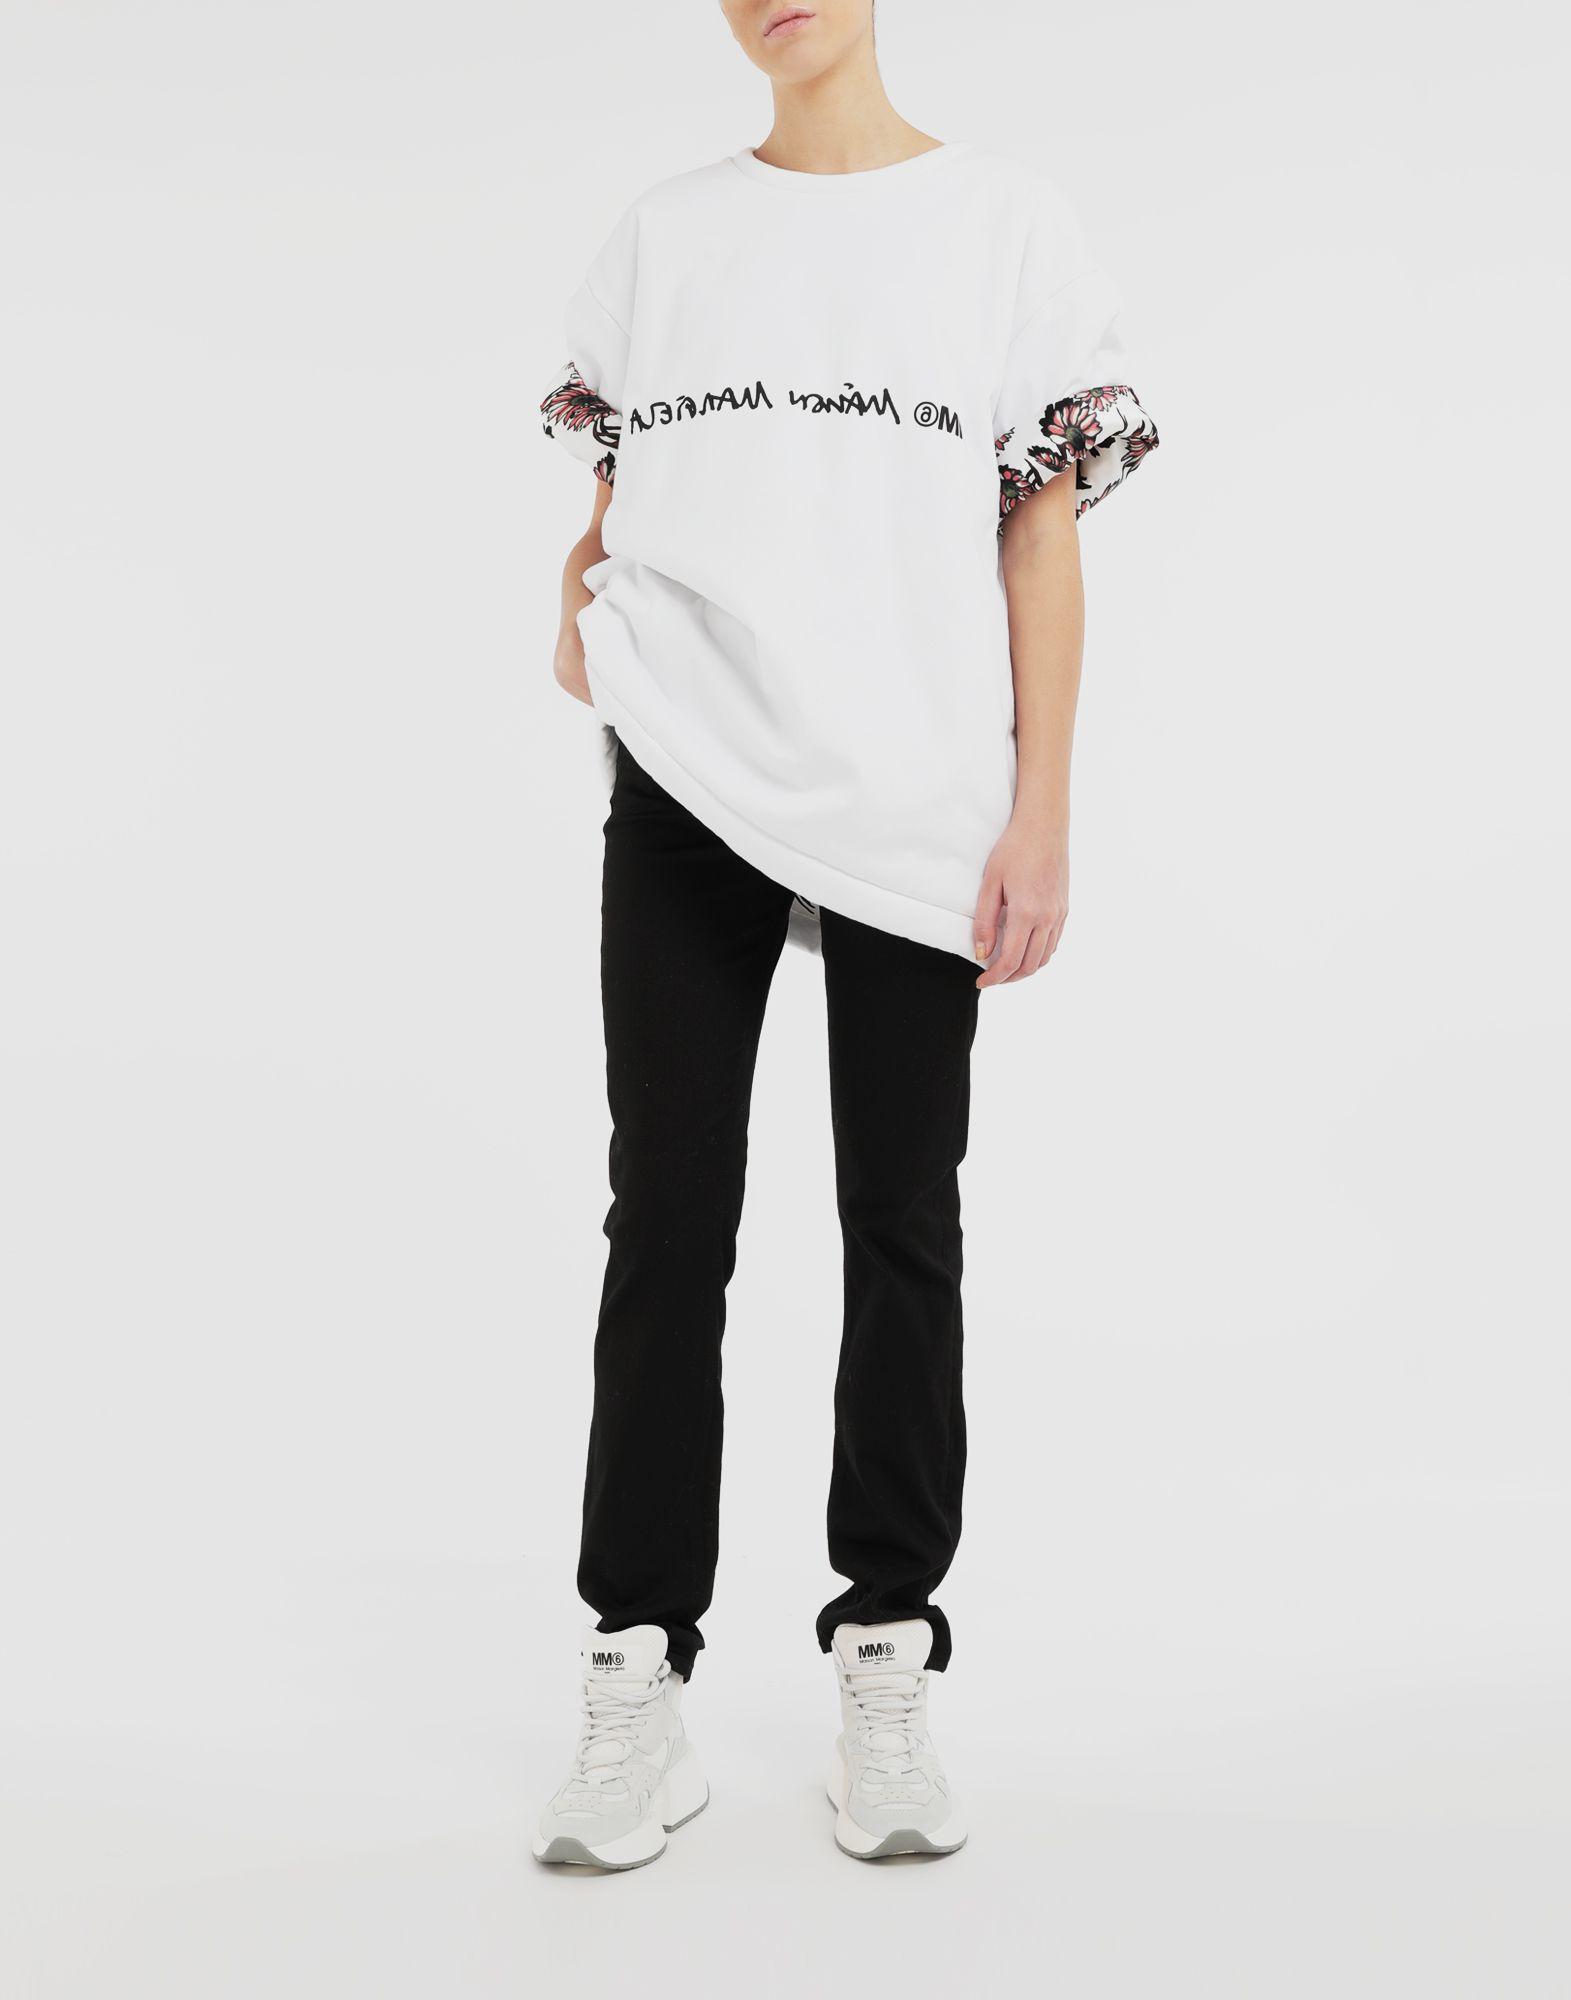 MM6 MAISON MARGIELA Wendbares Logo-T-Shirt Kurzärmliges T-Shirt Dame d